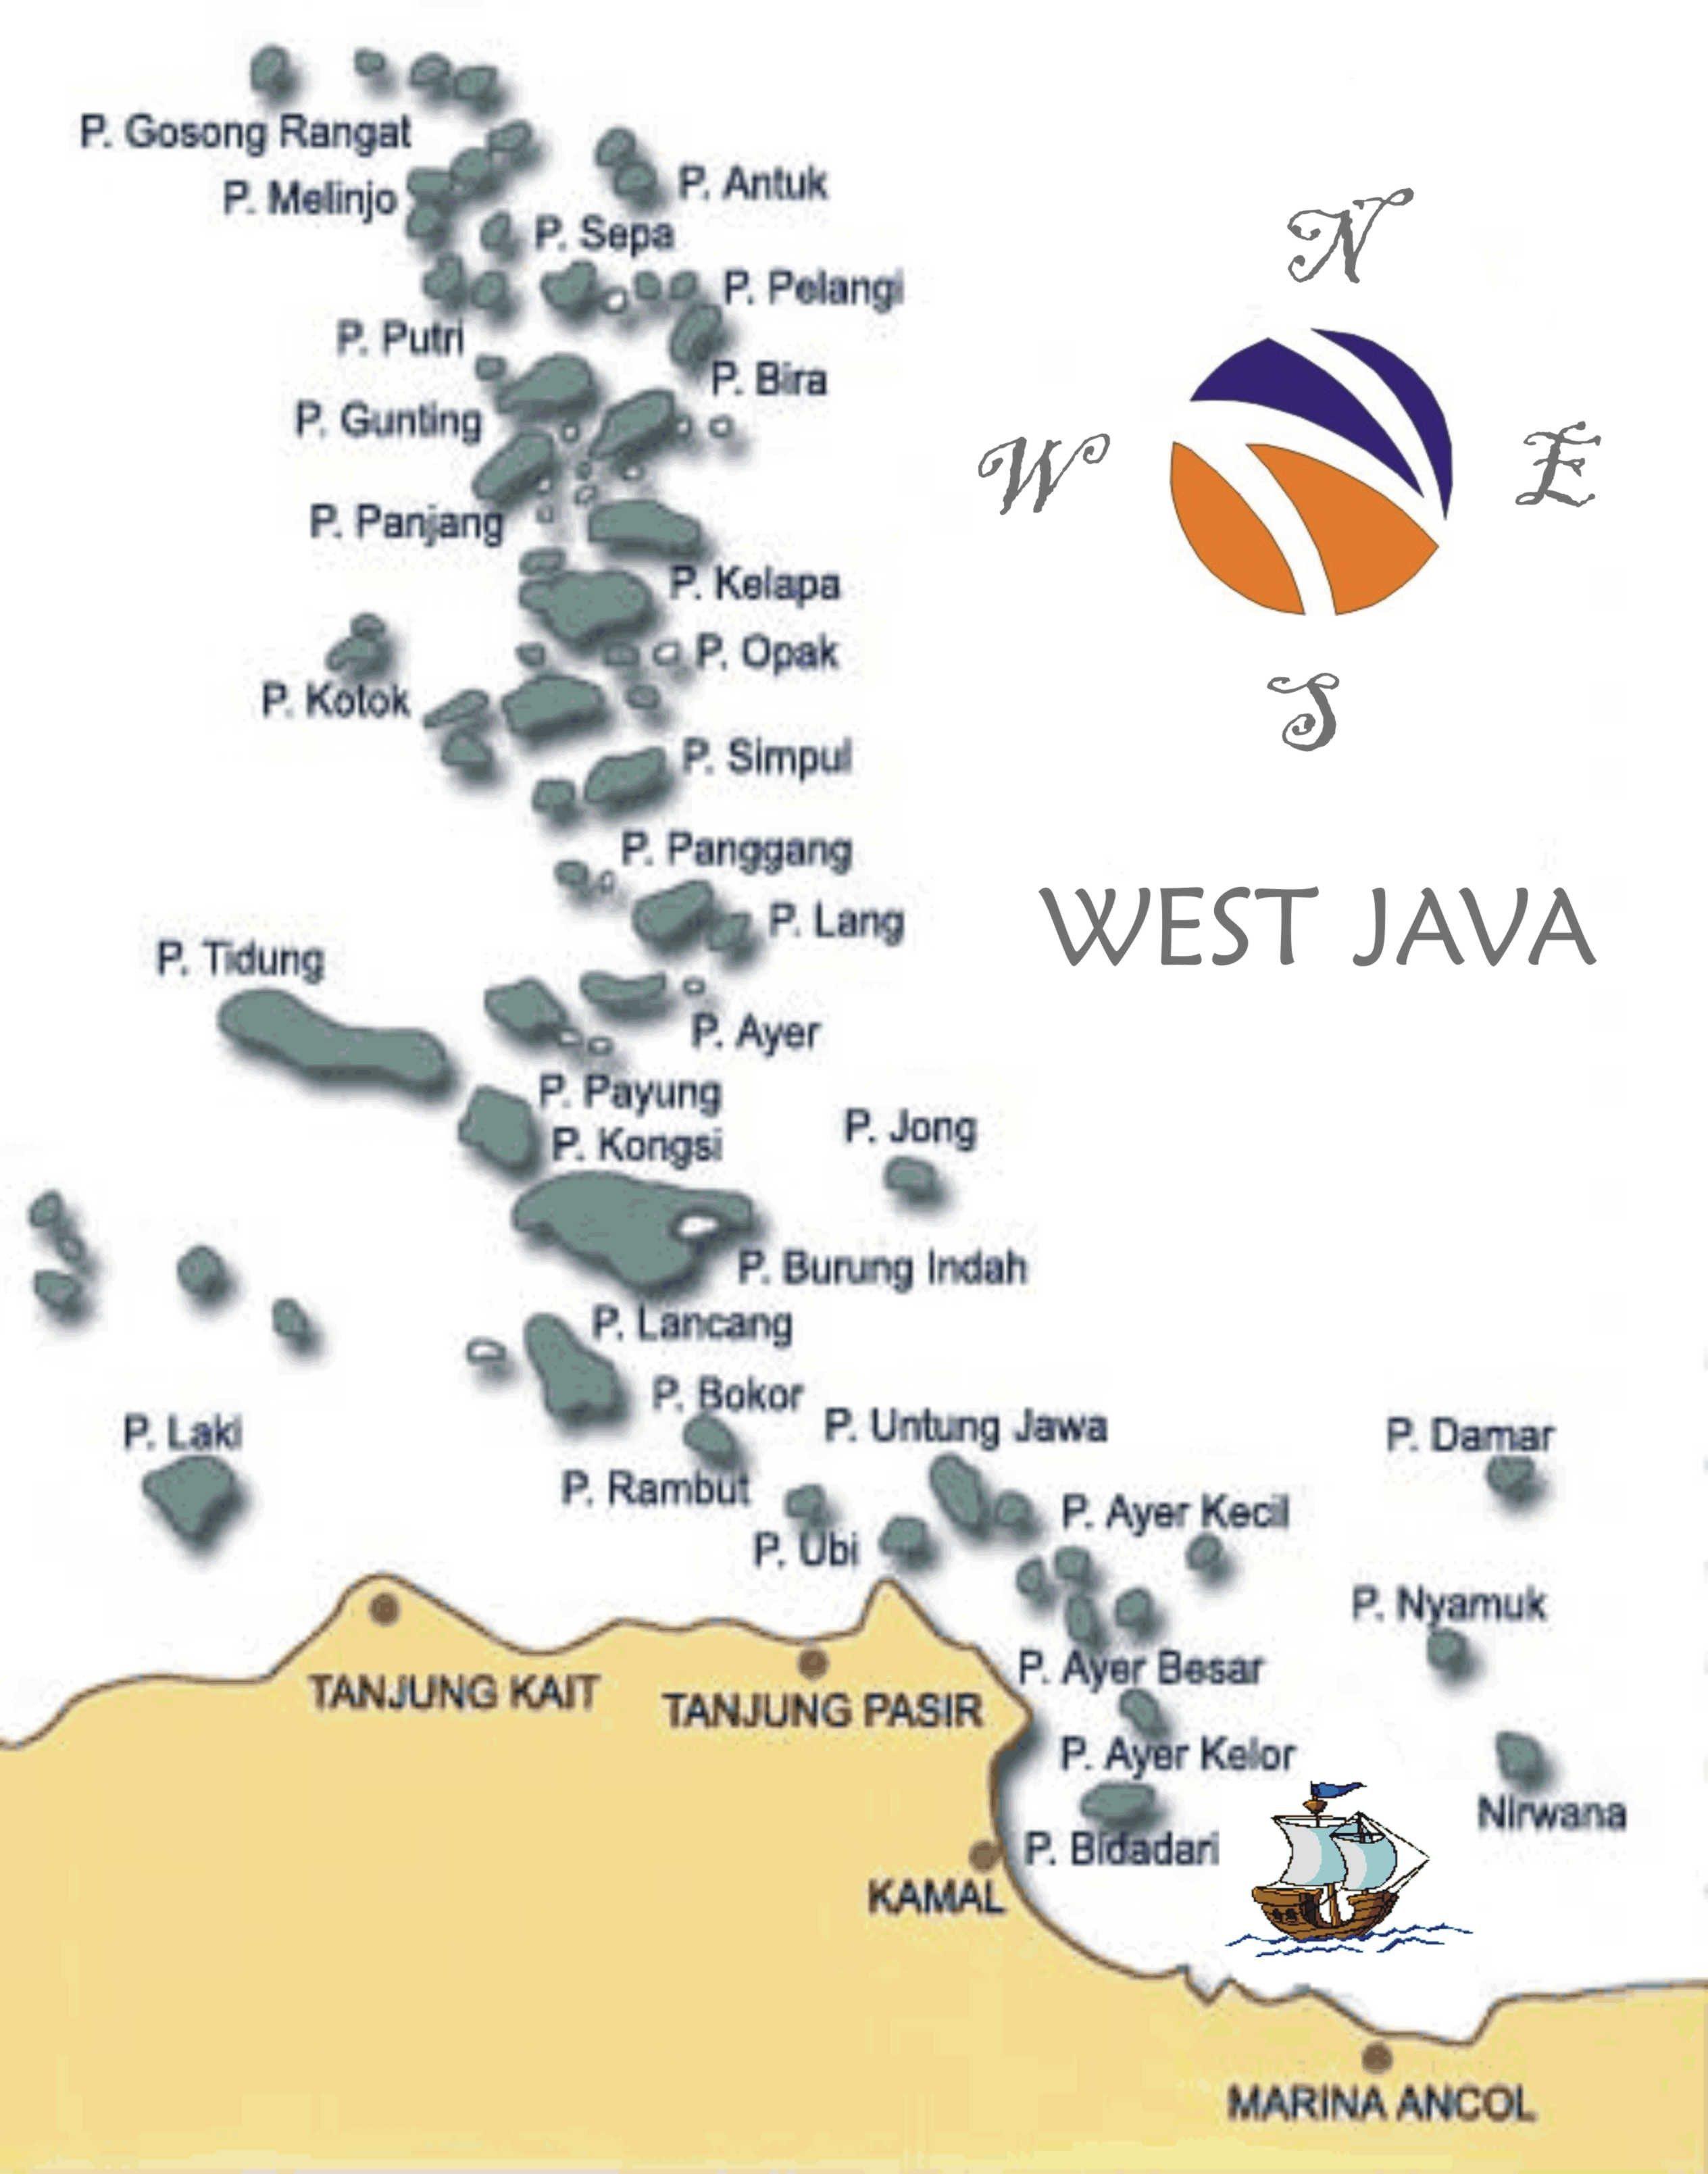 Pulau Air Wisata Jakarta Kepulauan Seribu Limakaki Peta Tips Menikmati